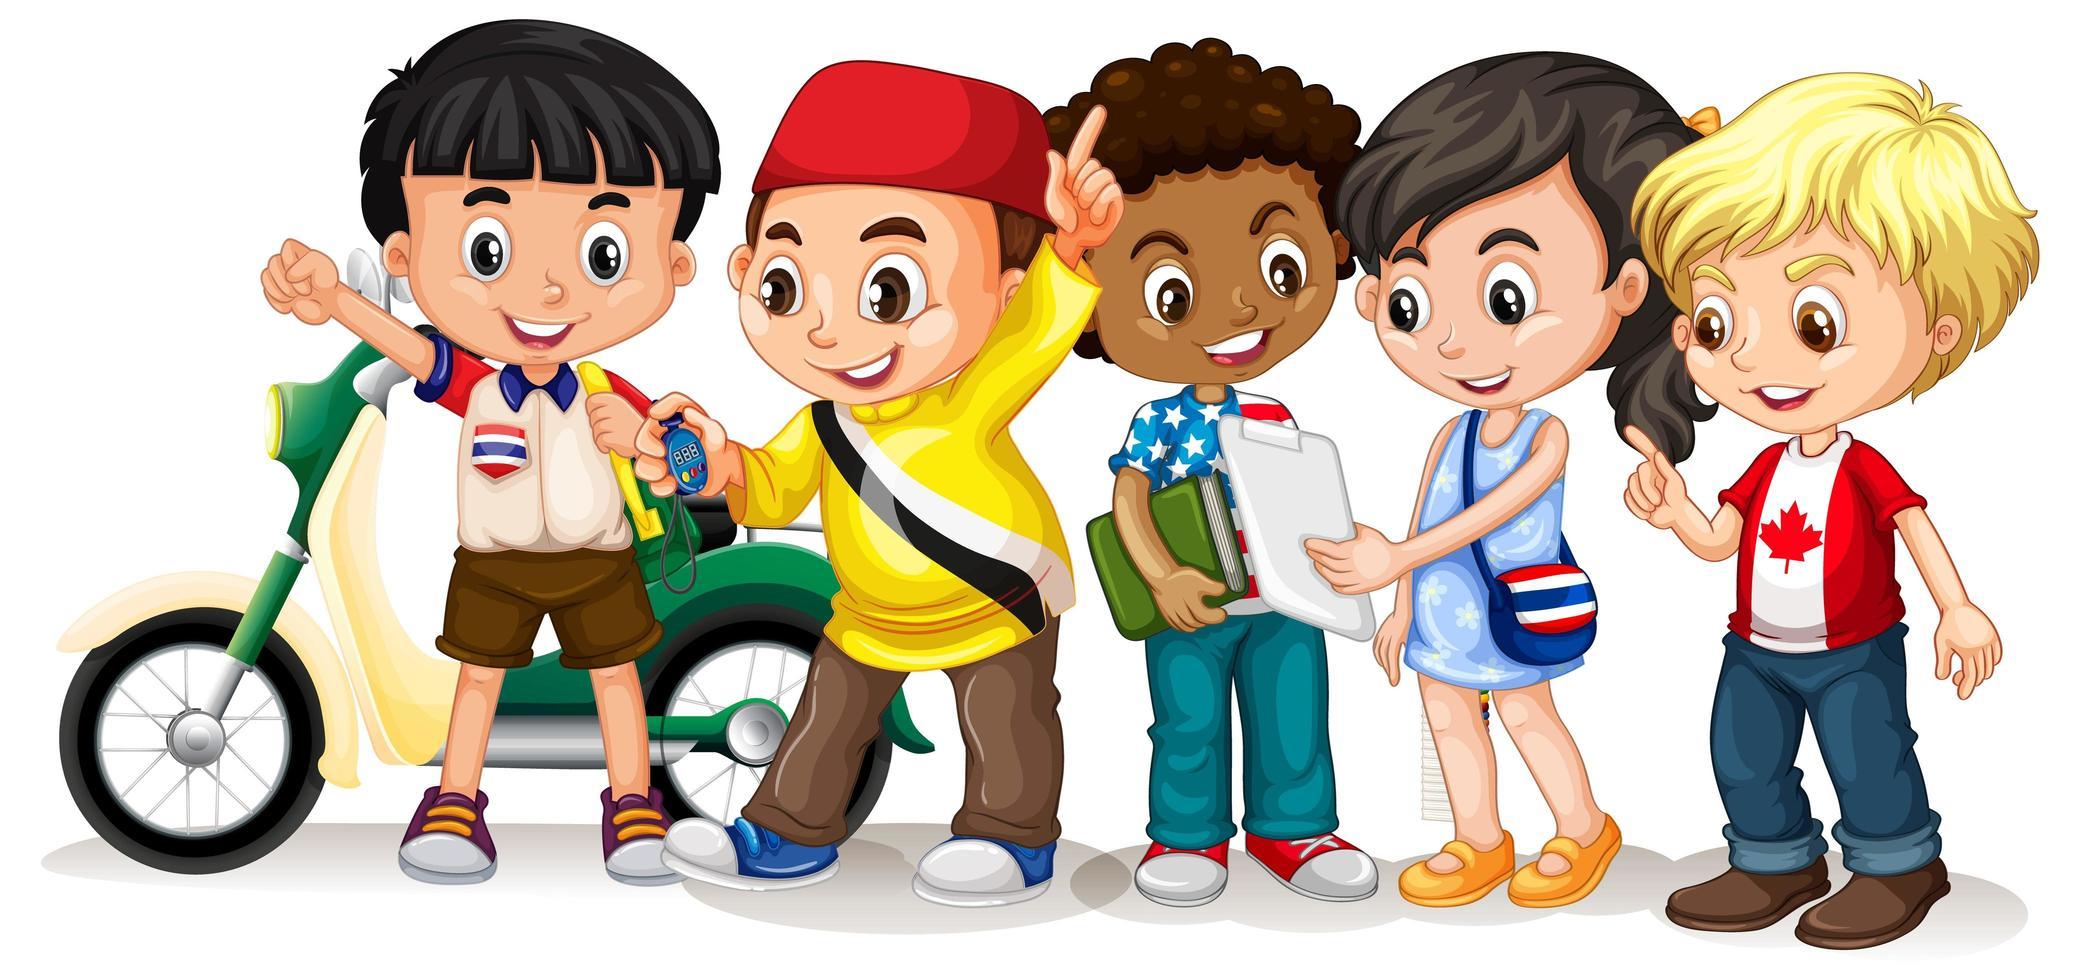 glückliche Kinder in verschiedenen Posen vektor